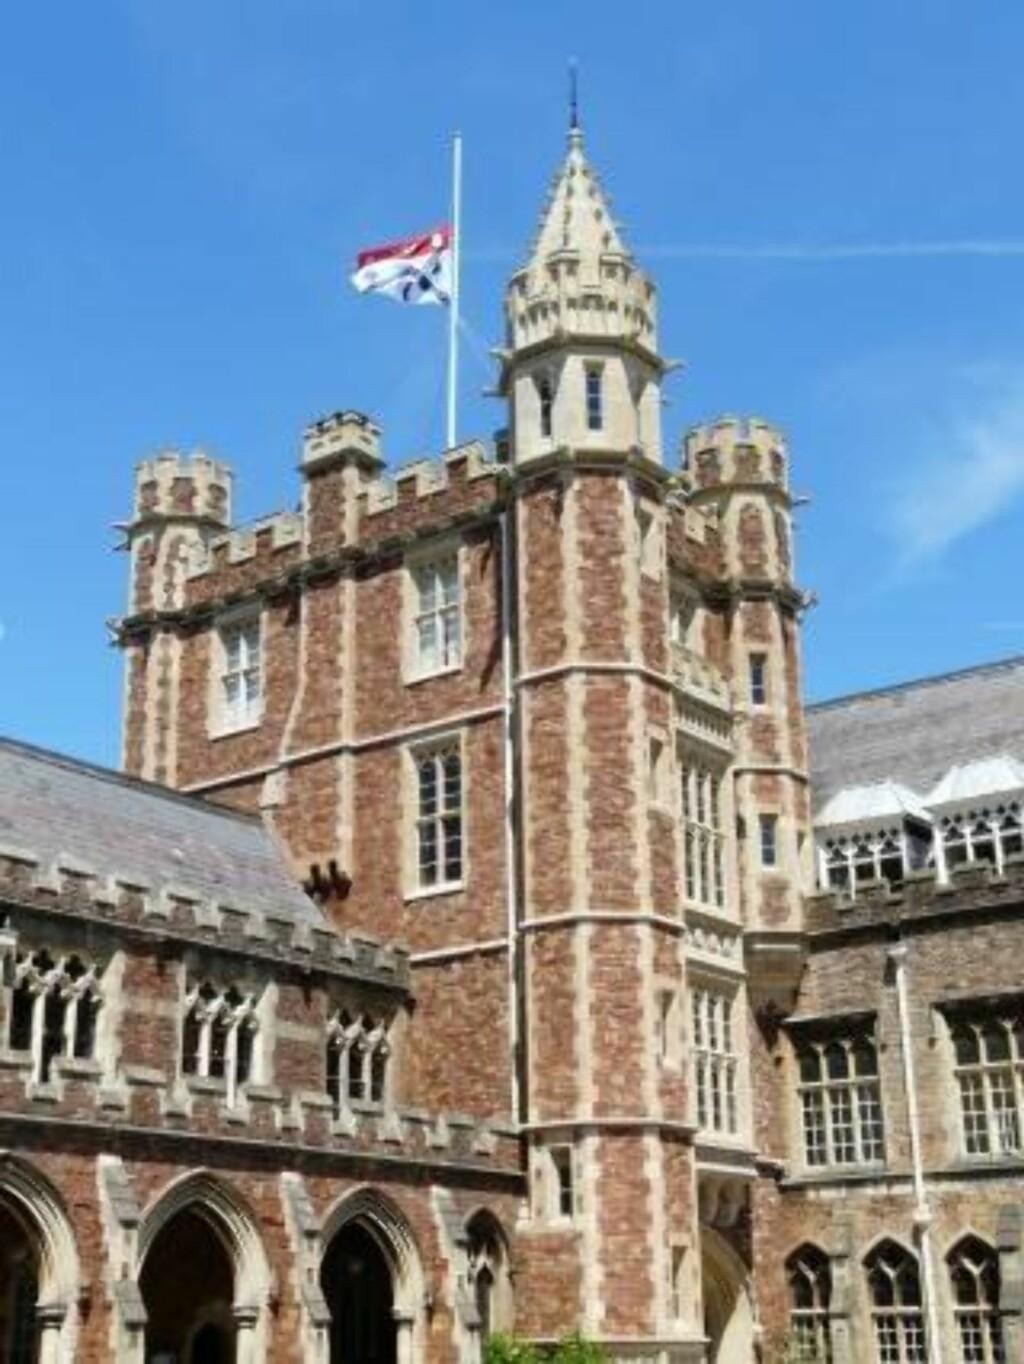 HALV STANG: Skolen der den norsk-britiske gutten gikk flagget i dag på halv stang. Foto: Clifton College